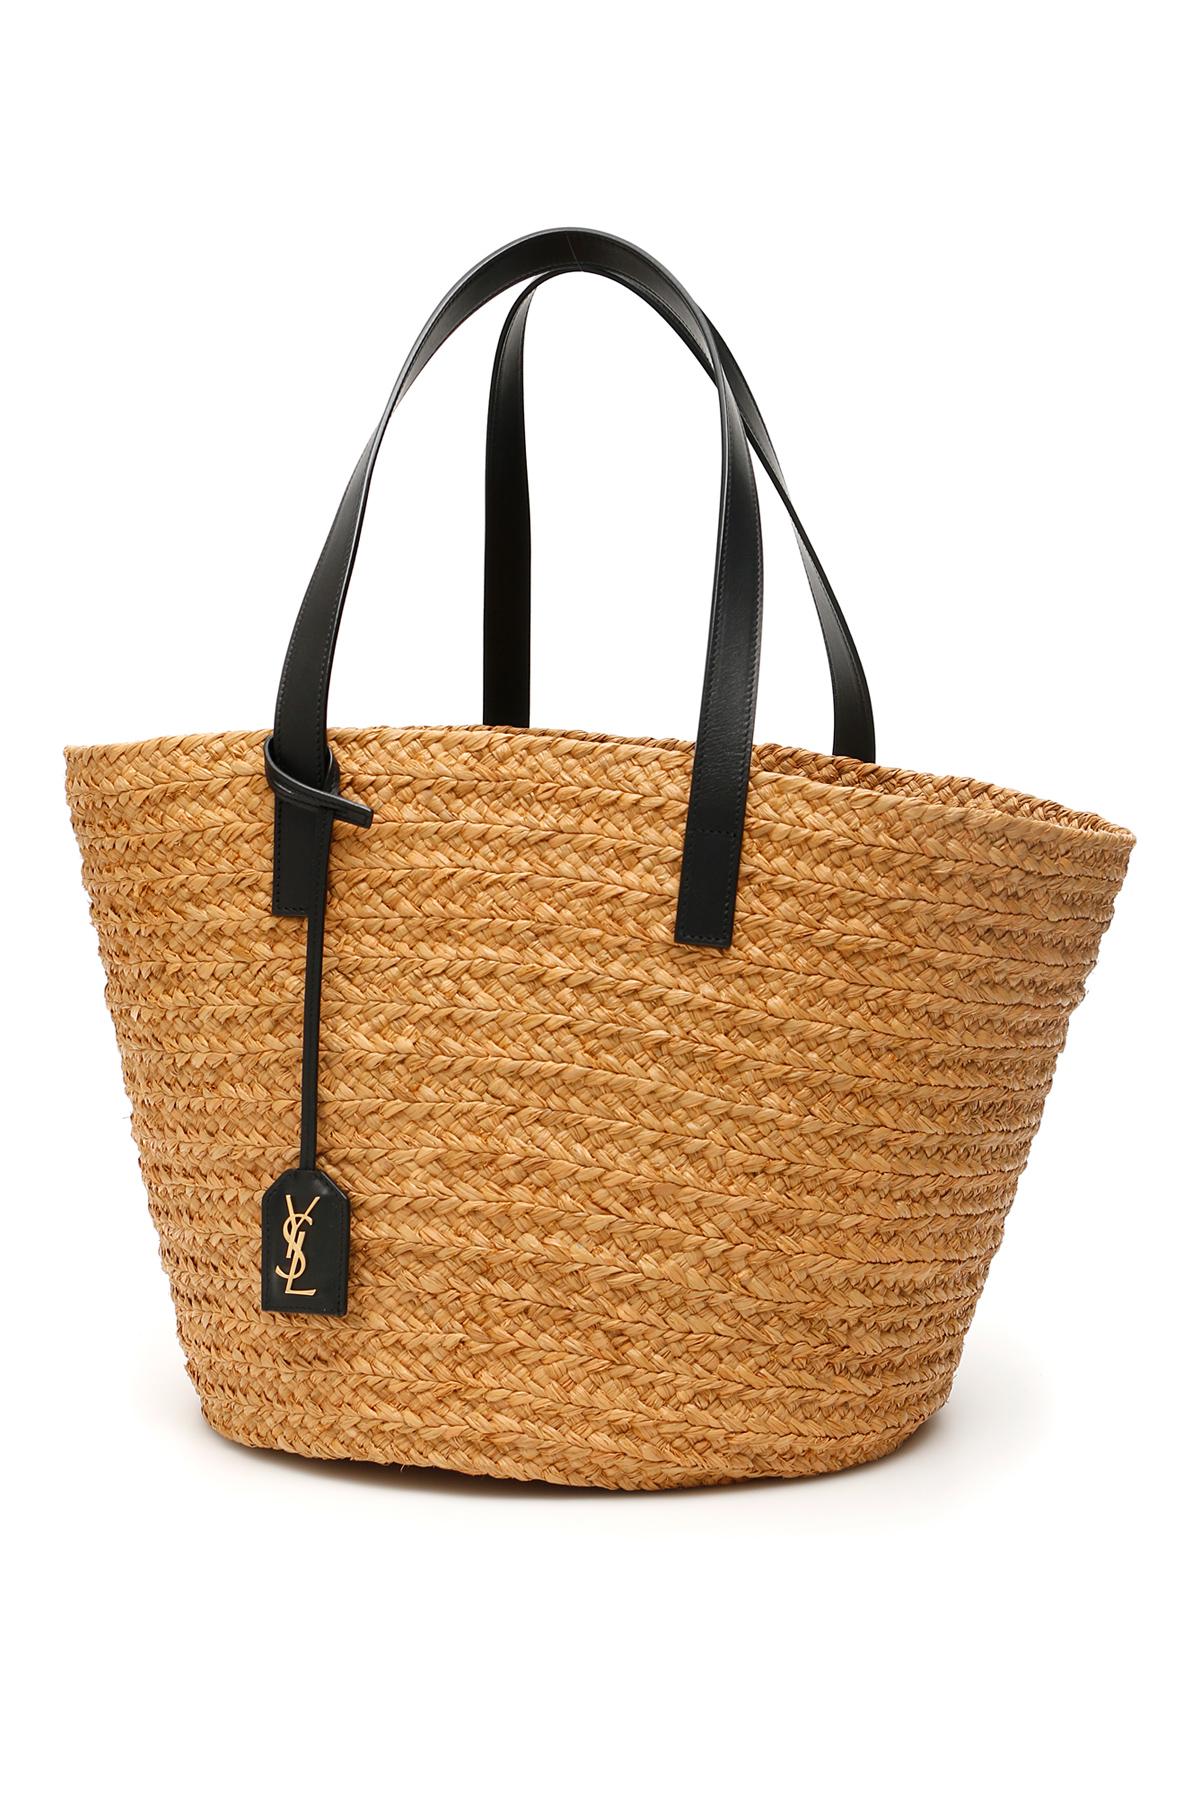 Saint laurent panier bag